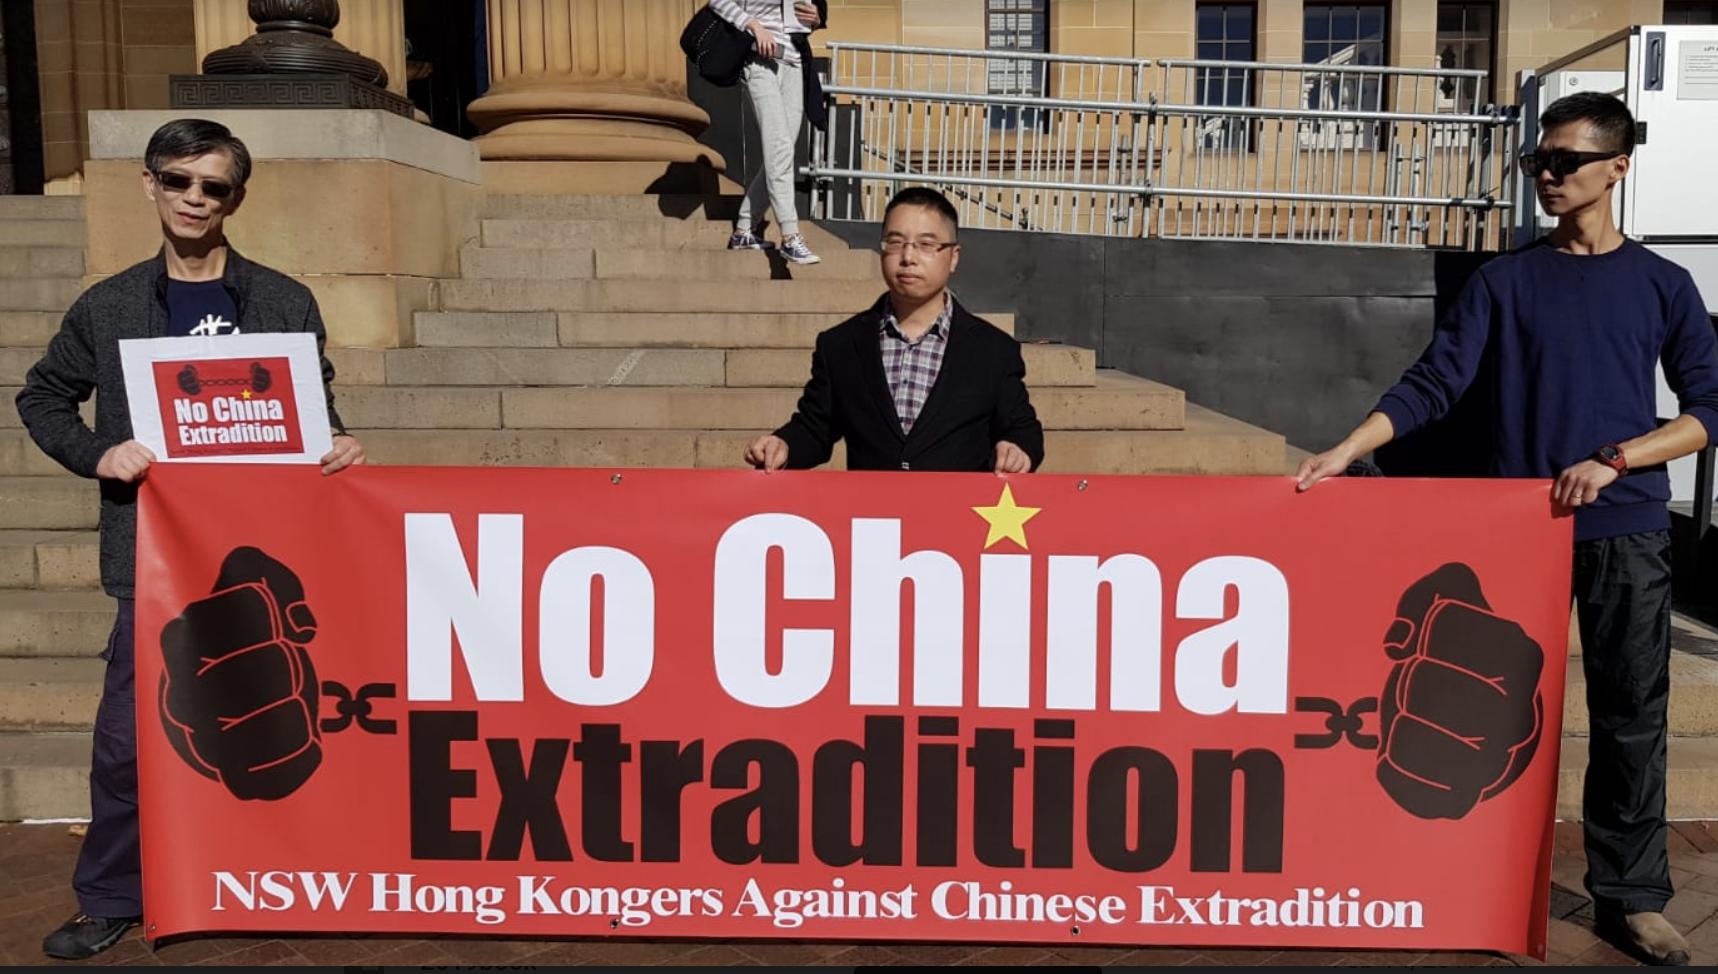 正在澳洲的大陸法學教授吳耀俊到現場聲援香港反送中條例。(駱亞/大紀元)